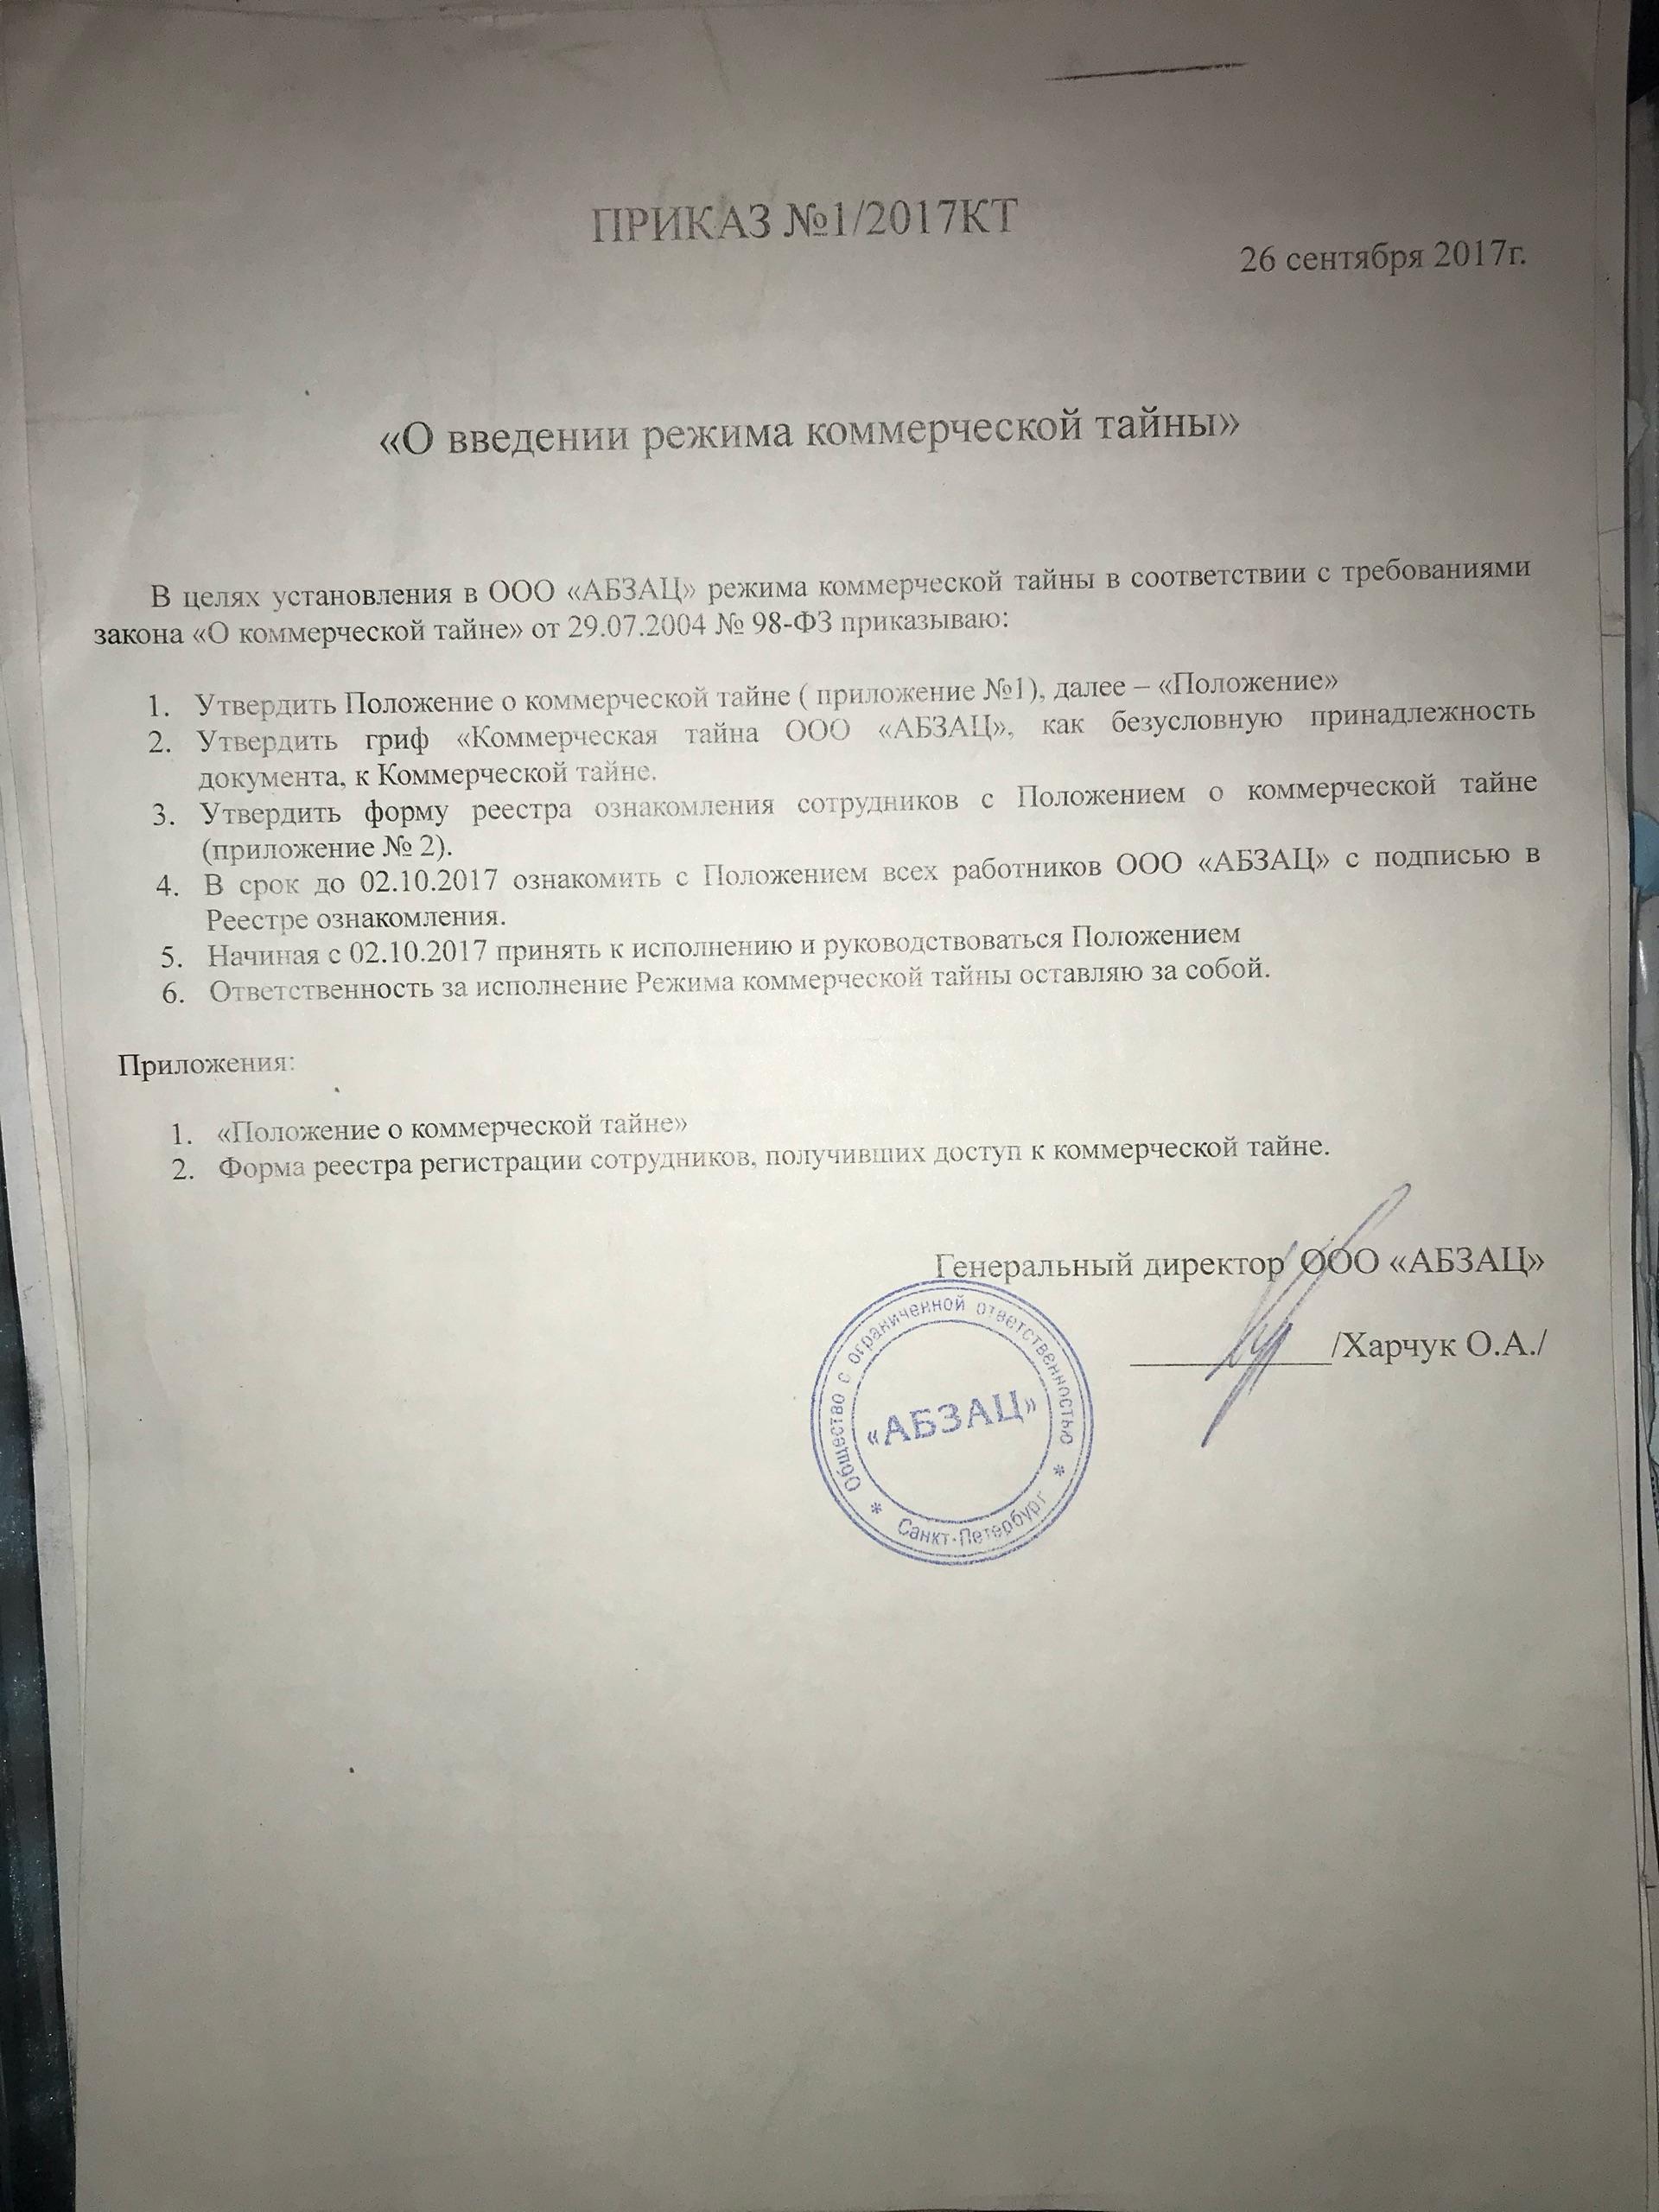 """Приказ о Коммерческой тайне в ООО """"АБЗАЦ"""""""